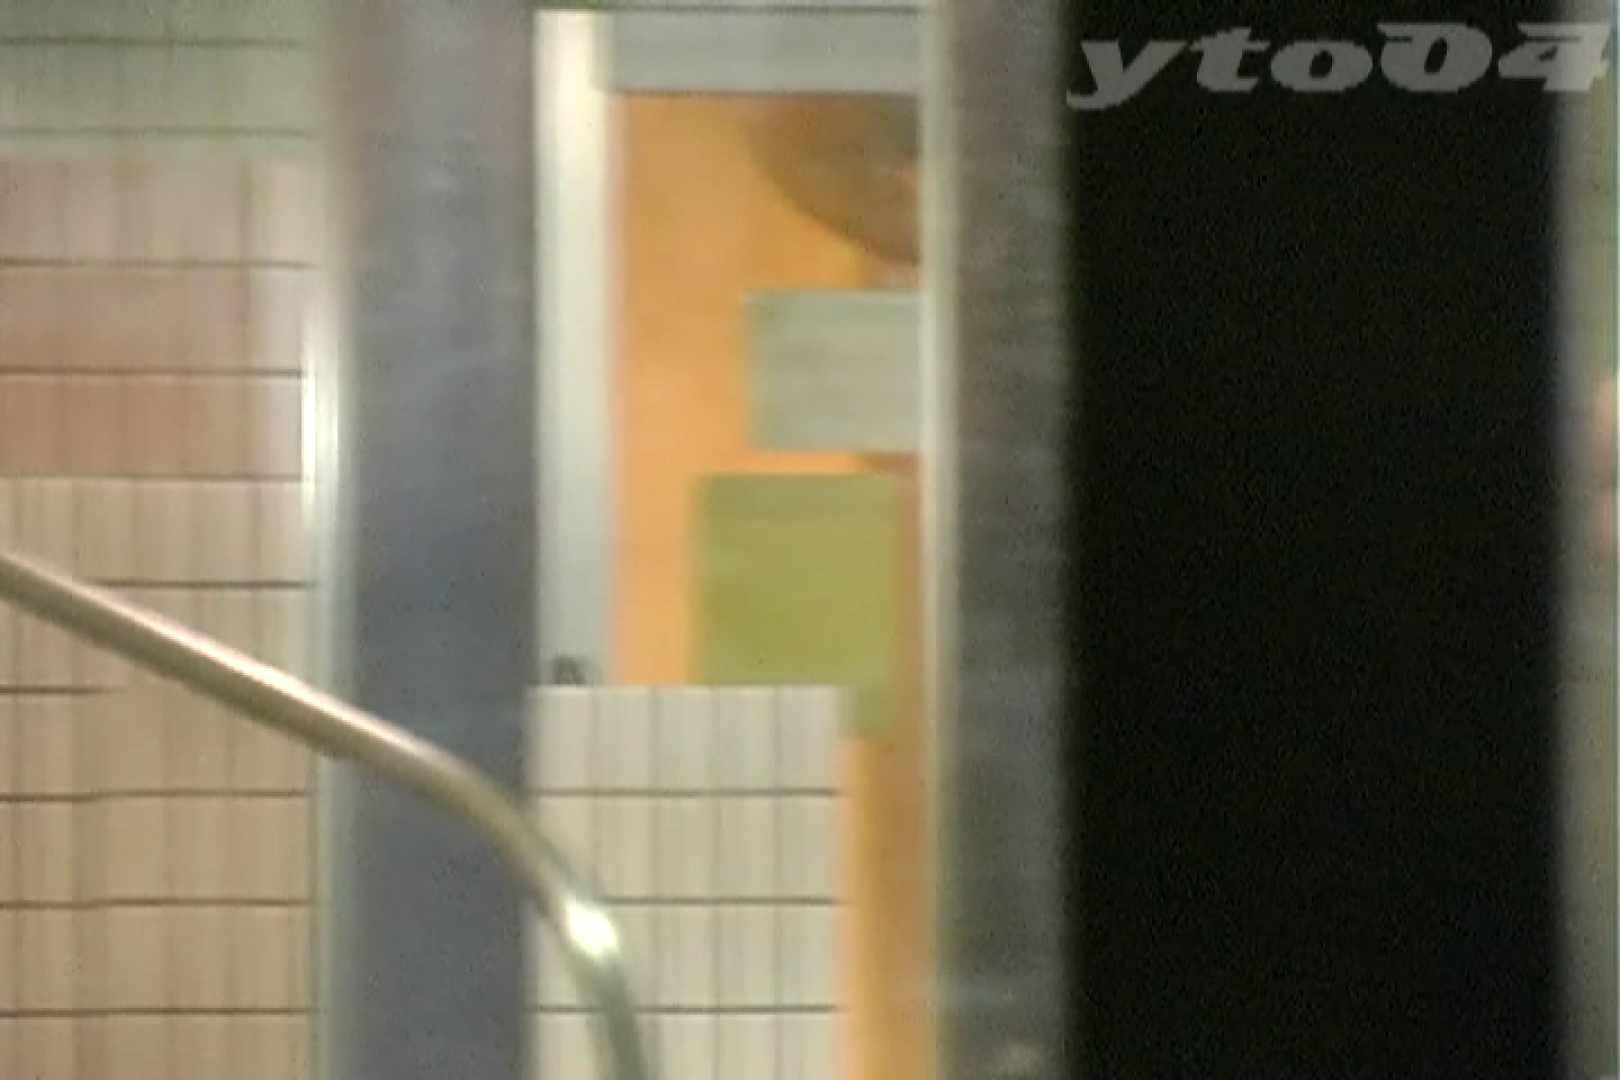 ▲復活限定▲合宿ホテル女風呂盗撮 Vol.24 OL女体 覗きおまんこ画像 75連発 56